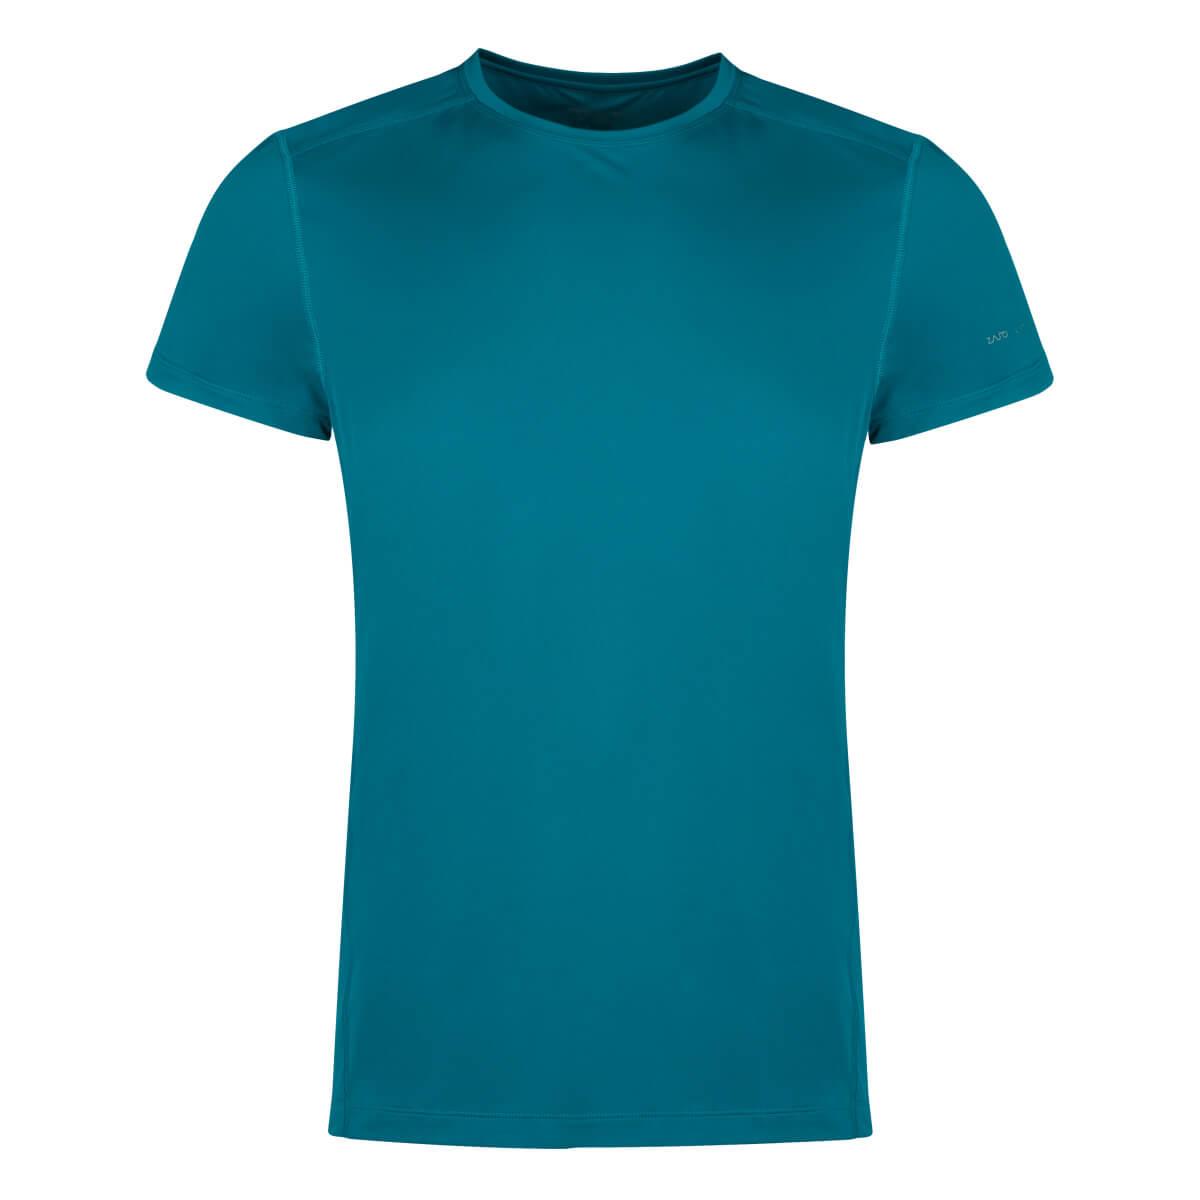 ZAJO Litio T-shirt SS Deep Lagoon pánske tričko - veľkosť S